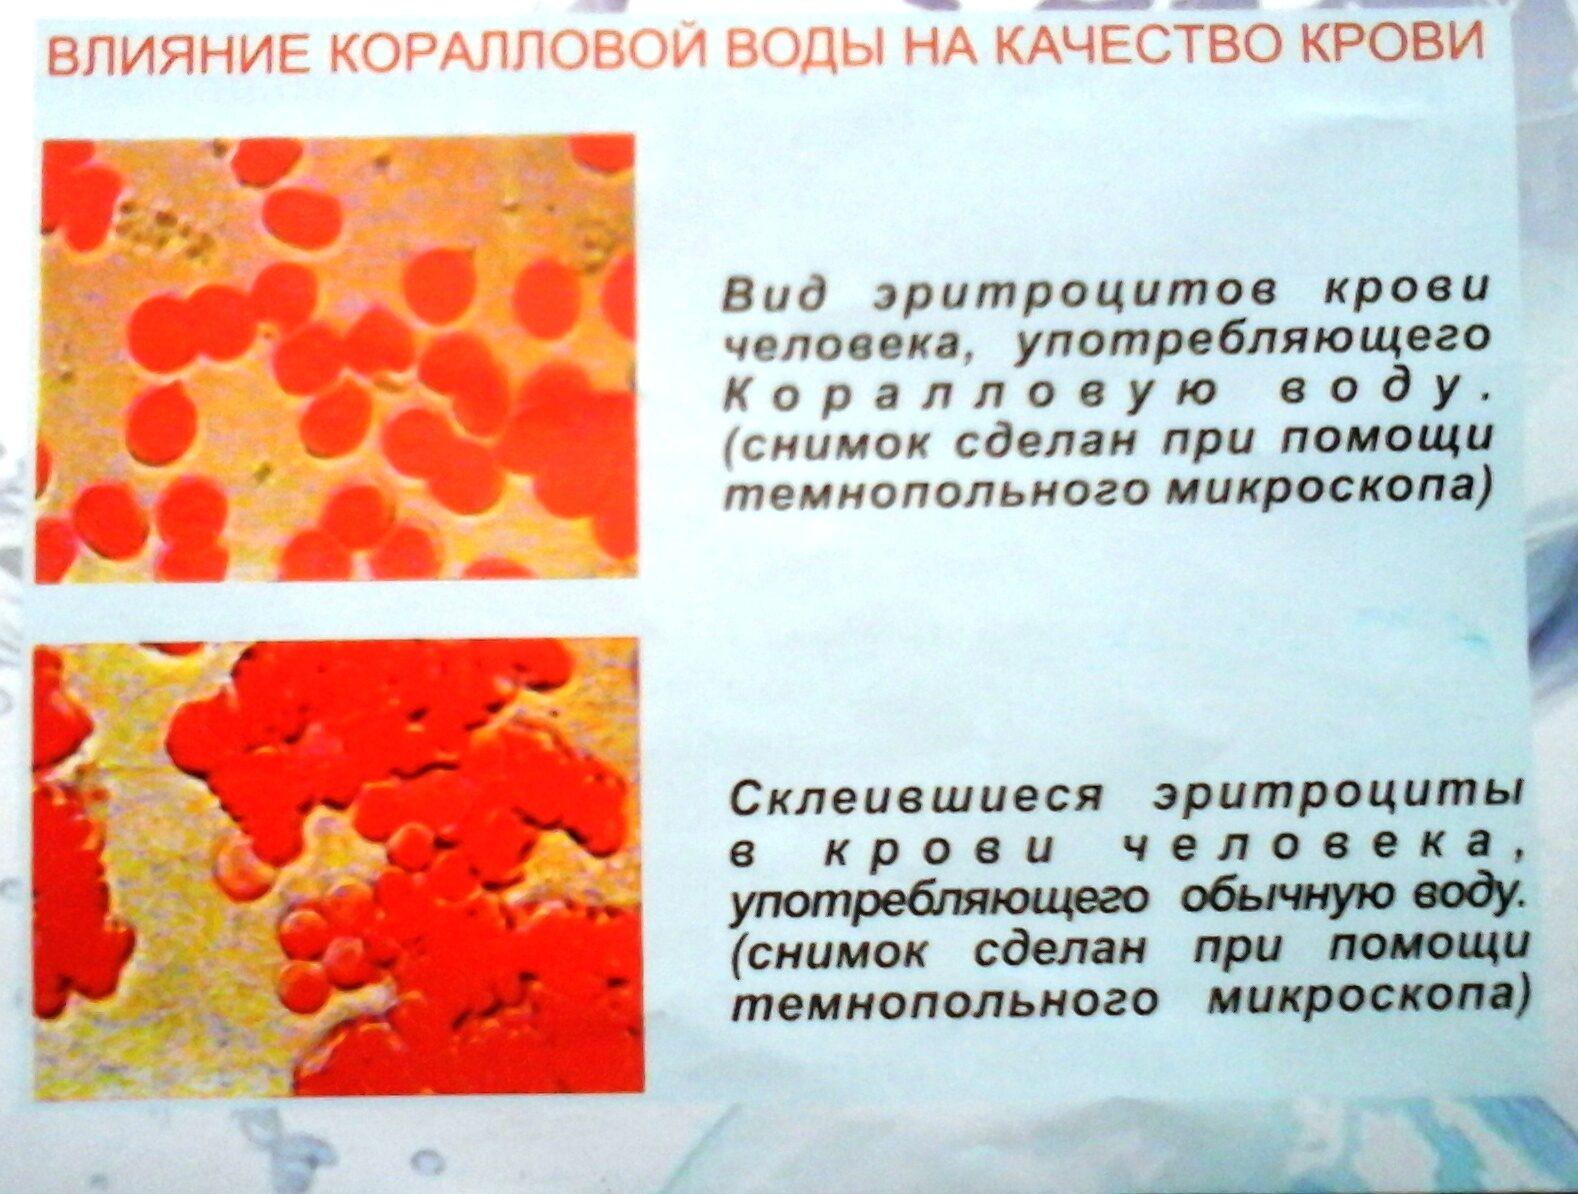 коралл клуб кровь